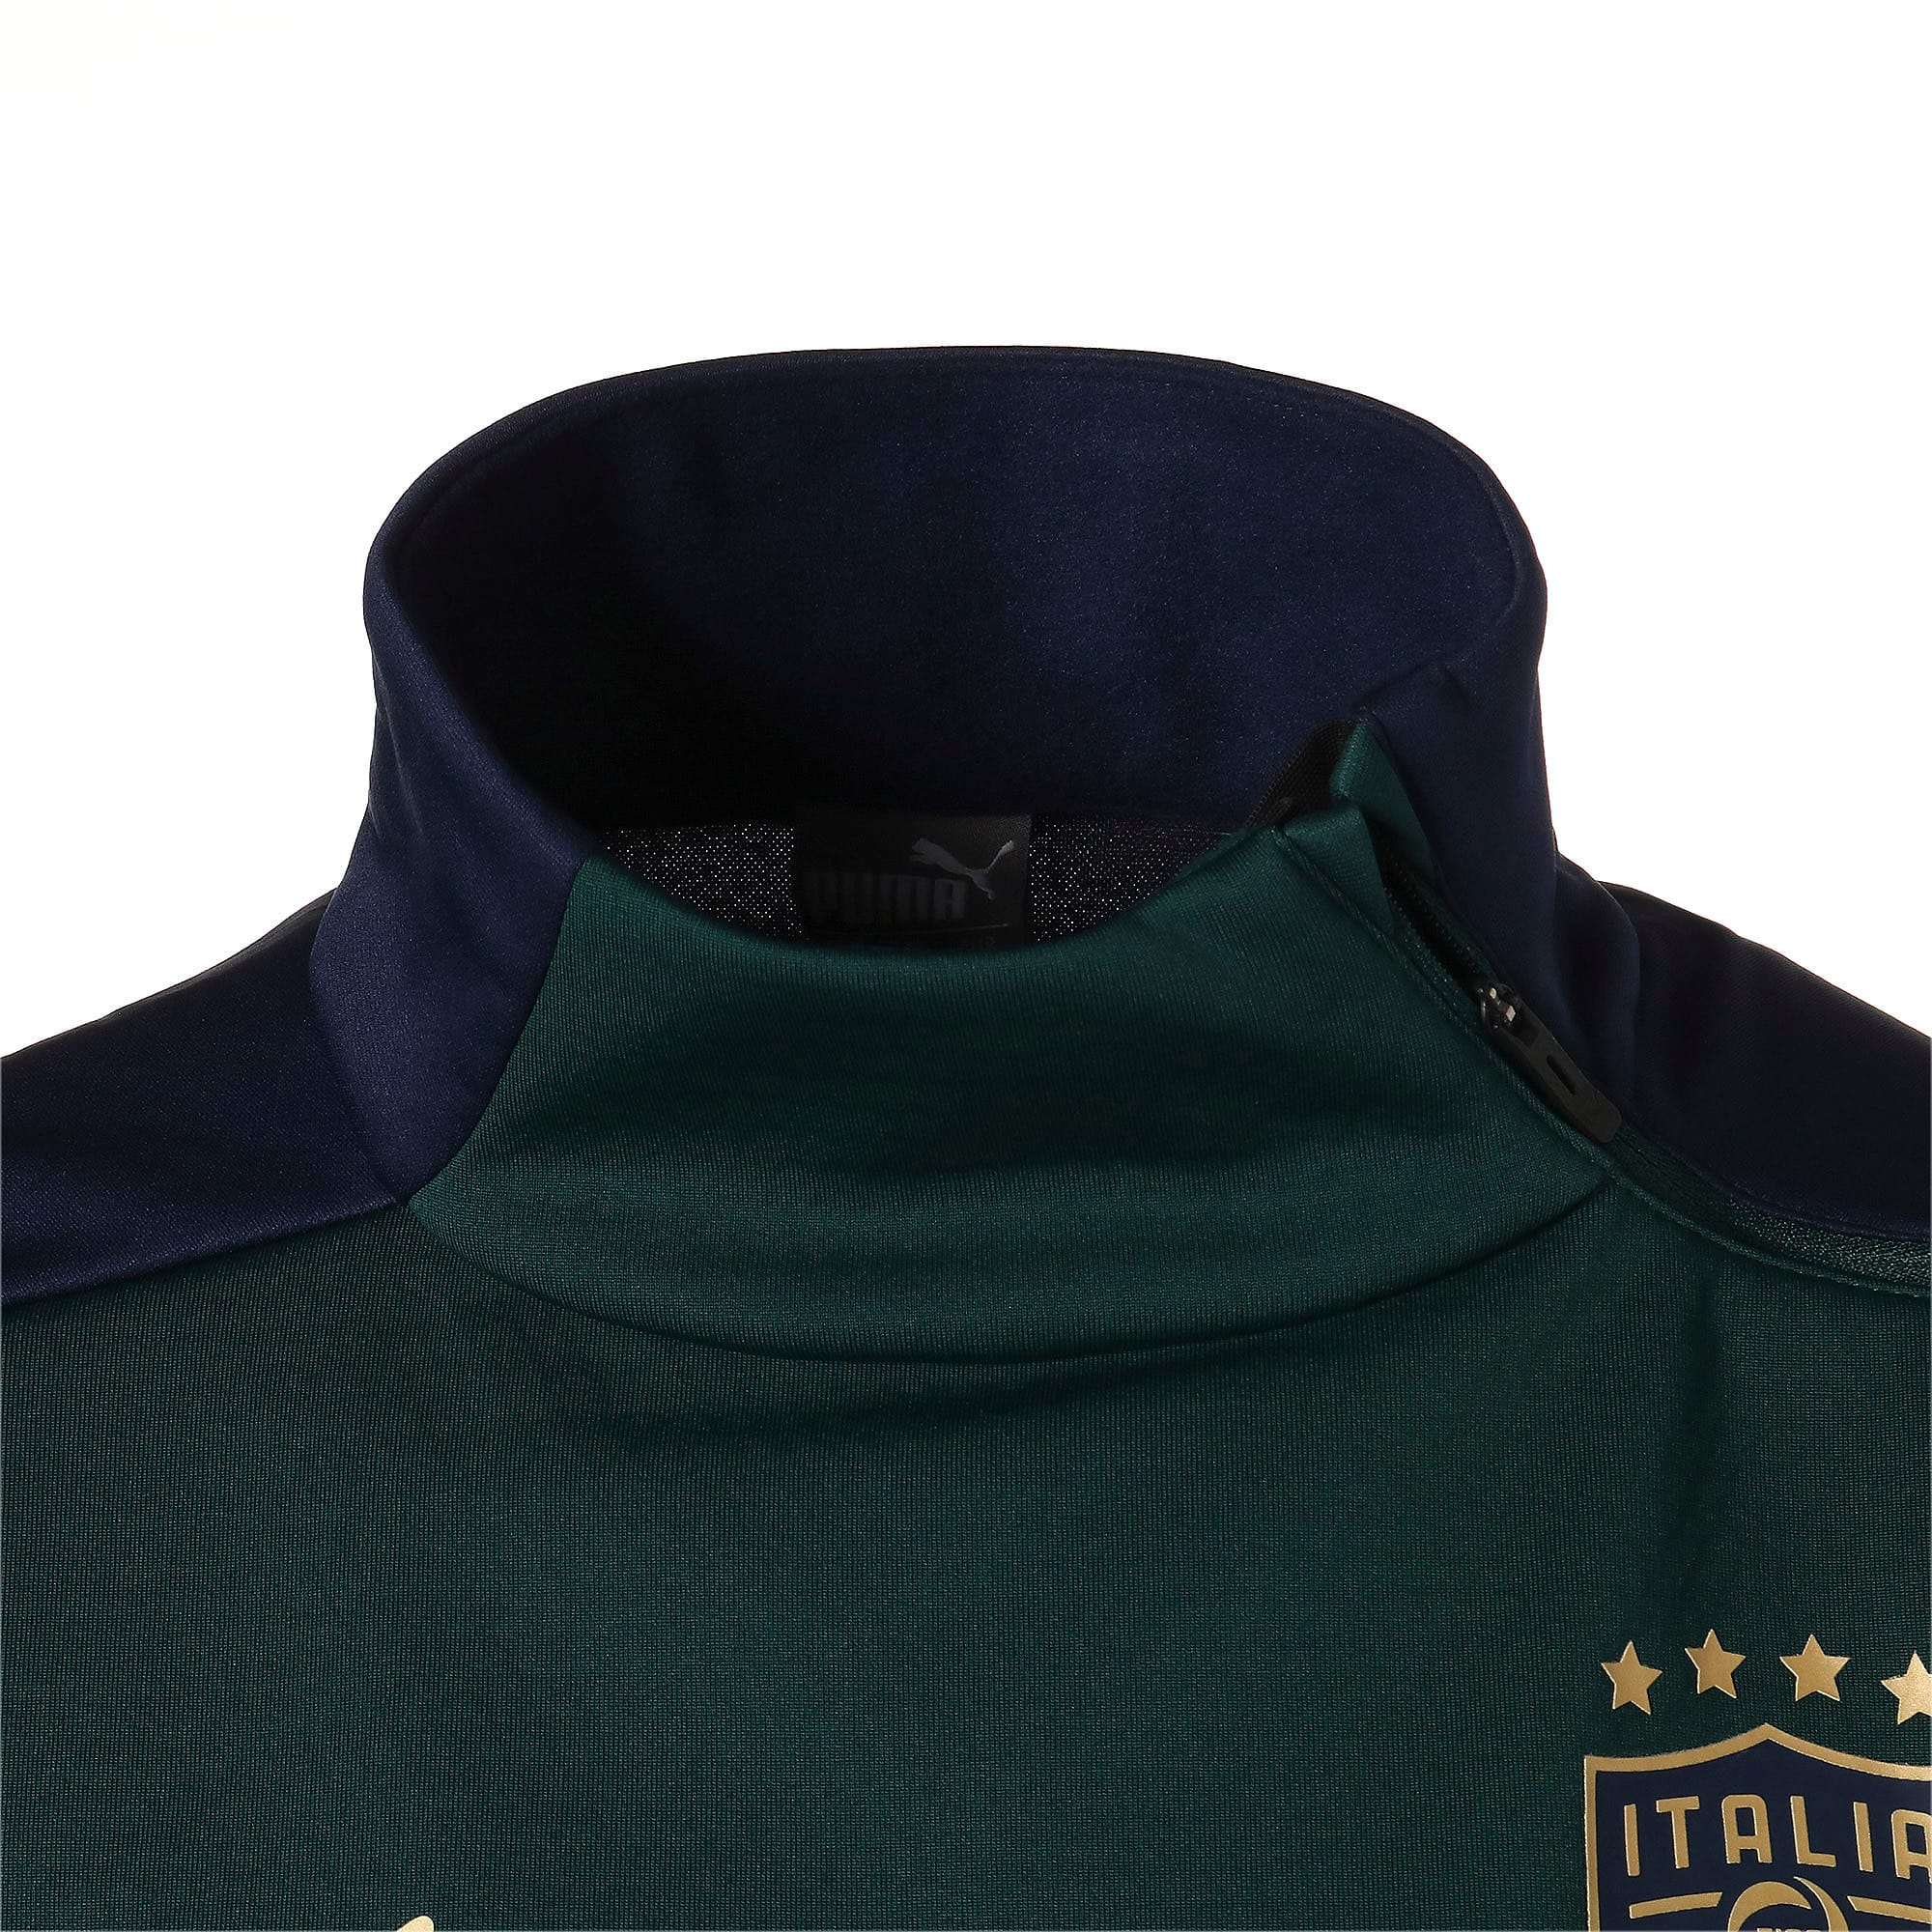 Thumbnail 7 of FIGC イタリア トレーニング フリース, Ponderosa Pine-Peacoat, medium-JPN